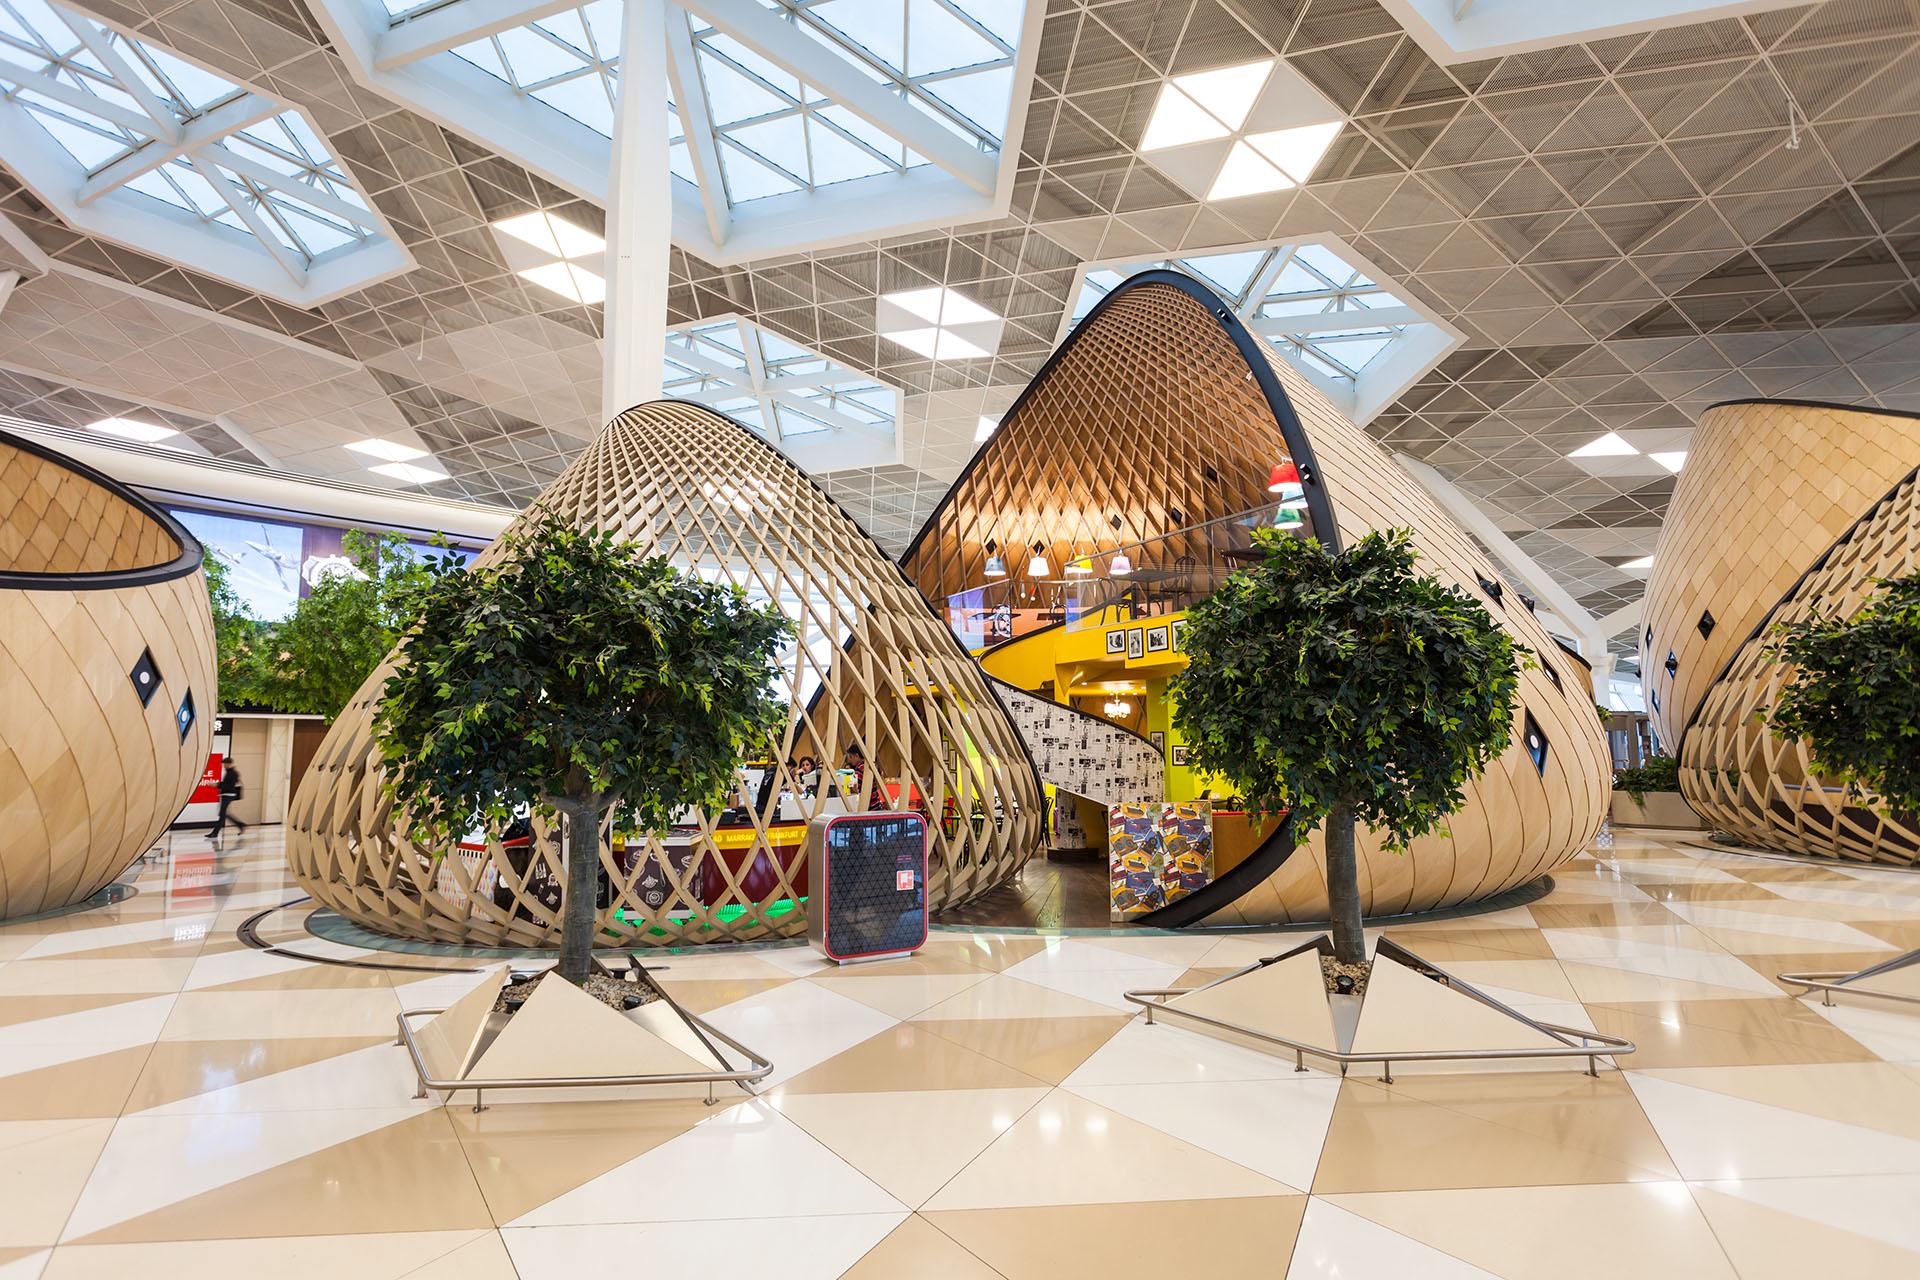 El Aeropuerto Internacional Heydar Aliyev en Bakú, Azerbaiyán, tiene interiores y exteriores extraordinarios, verdes y llamativos